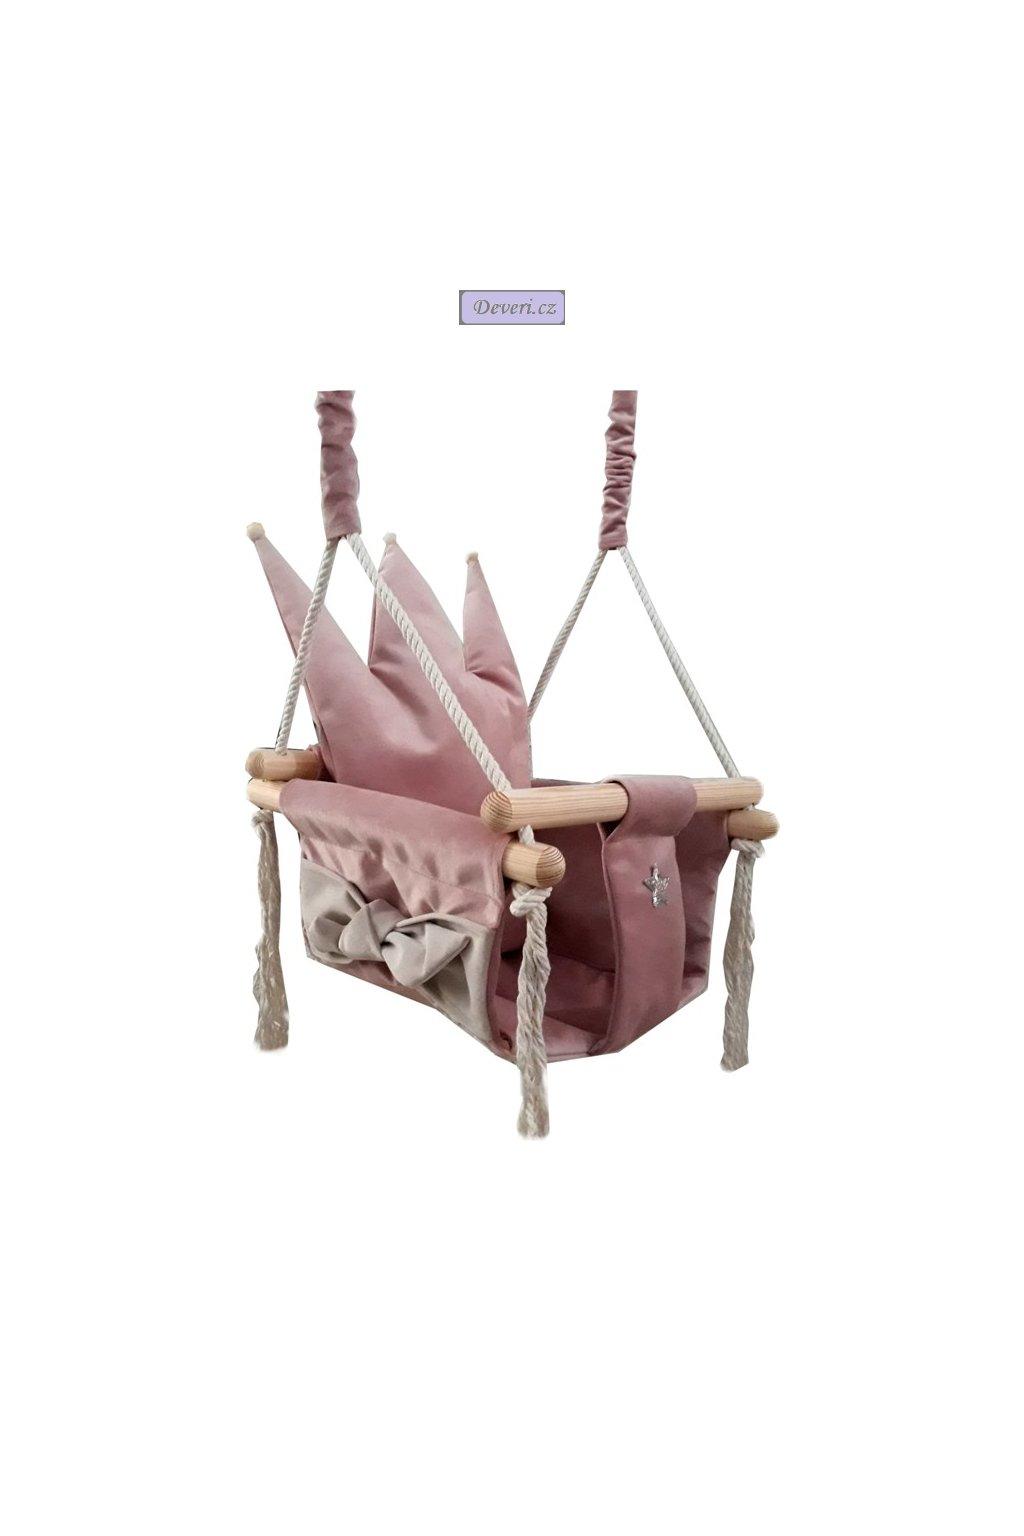 Luxusní růžová plyšová houpačka Queen pro děti do 25kg 36x36x23cm